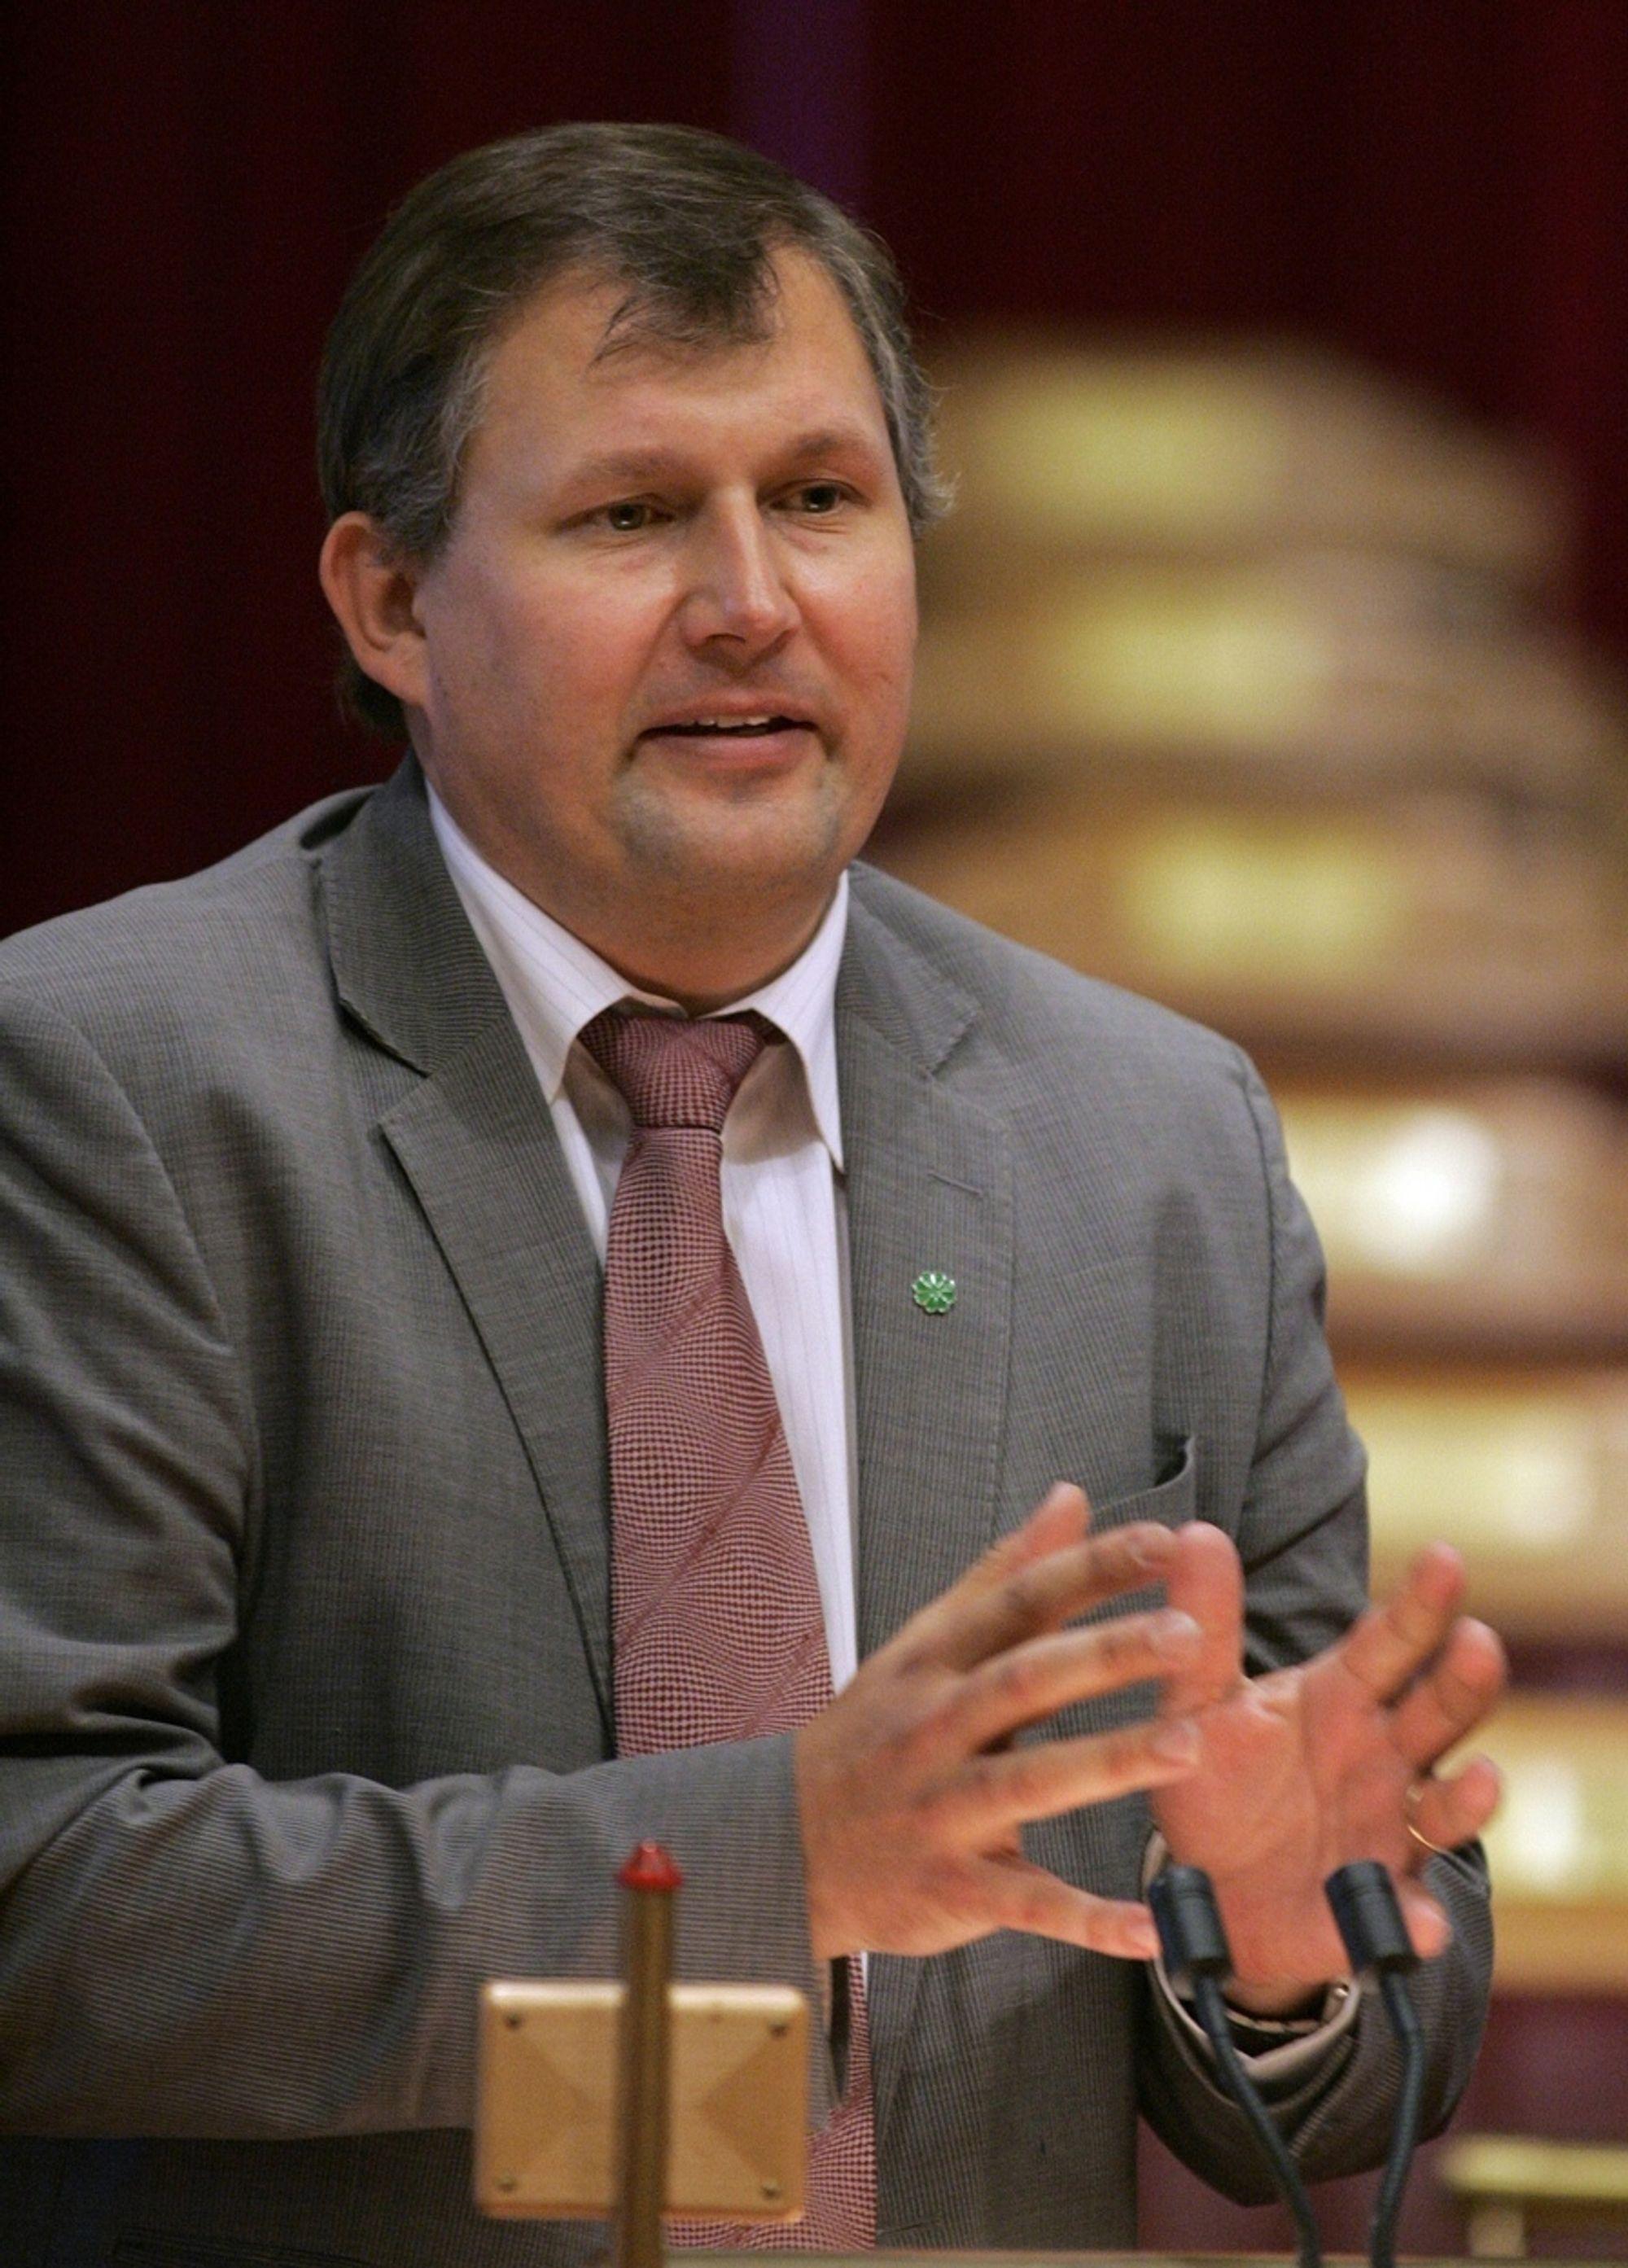 Olje- og energiminister Terje Riis-Johansen følger opp klimaforliket i budsjettet for 2009, hevder han.